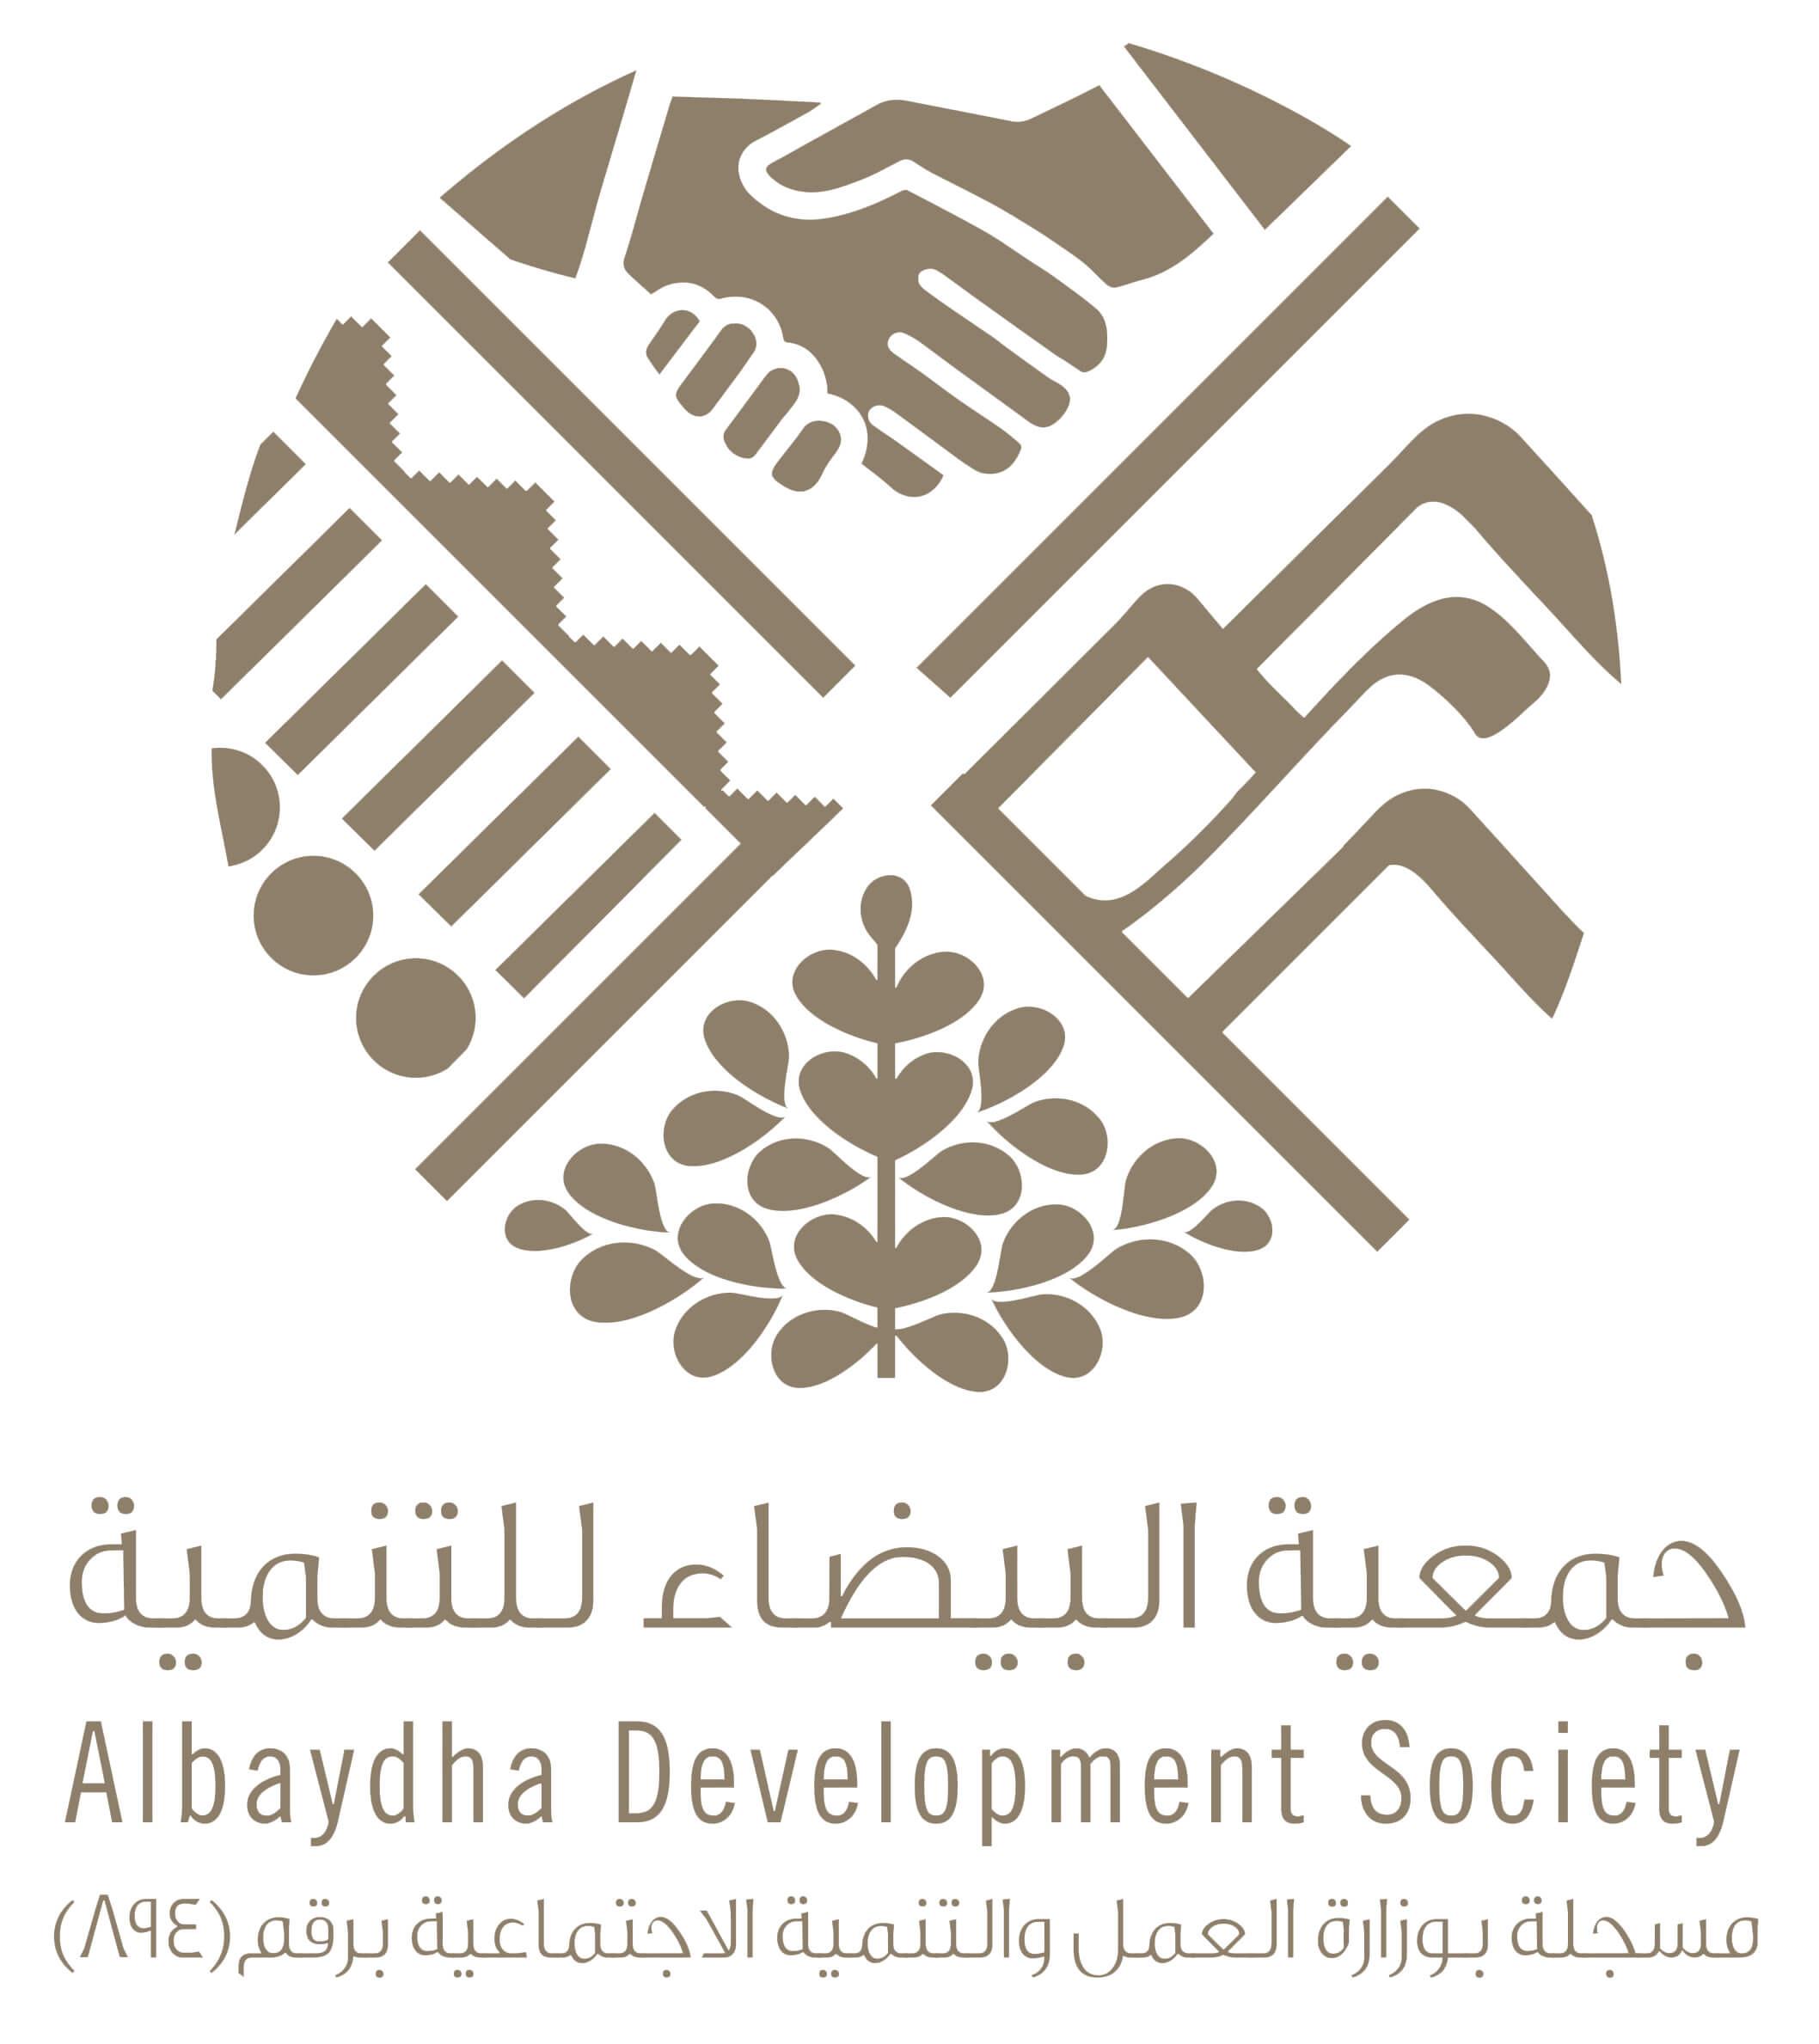 جمعية البيضاء للتنمية